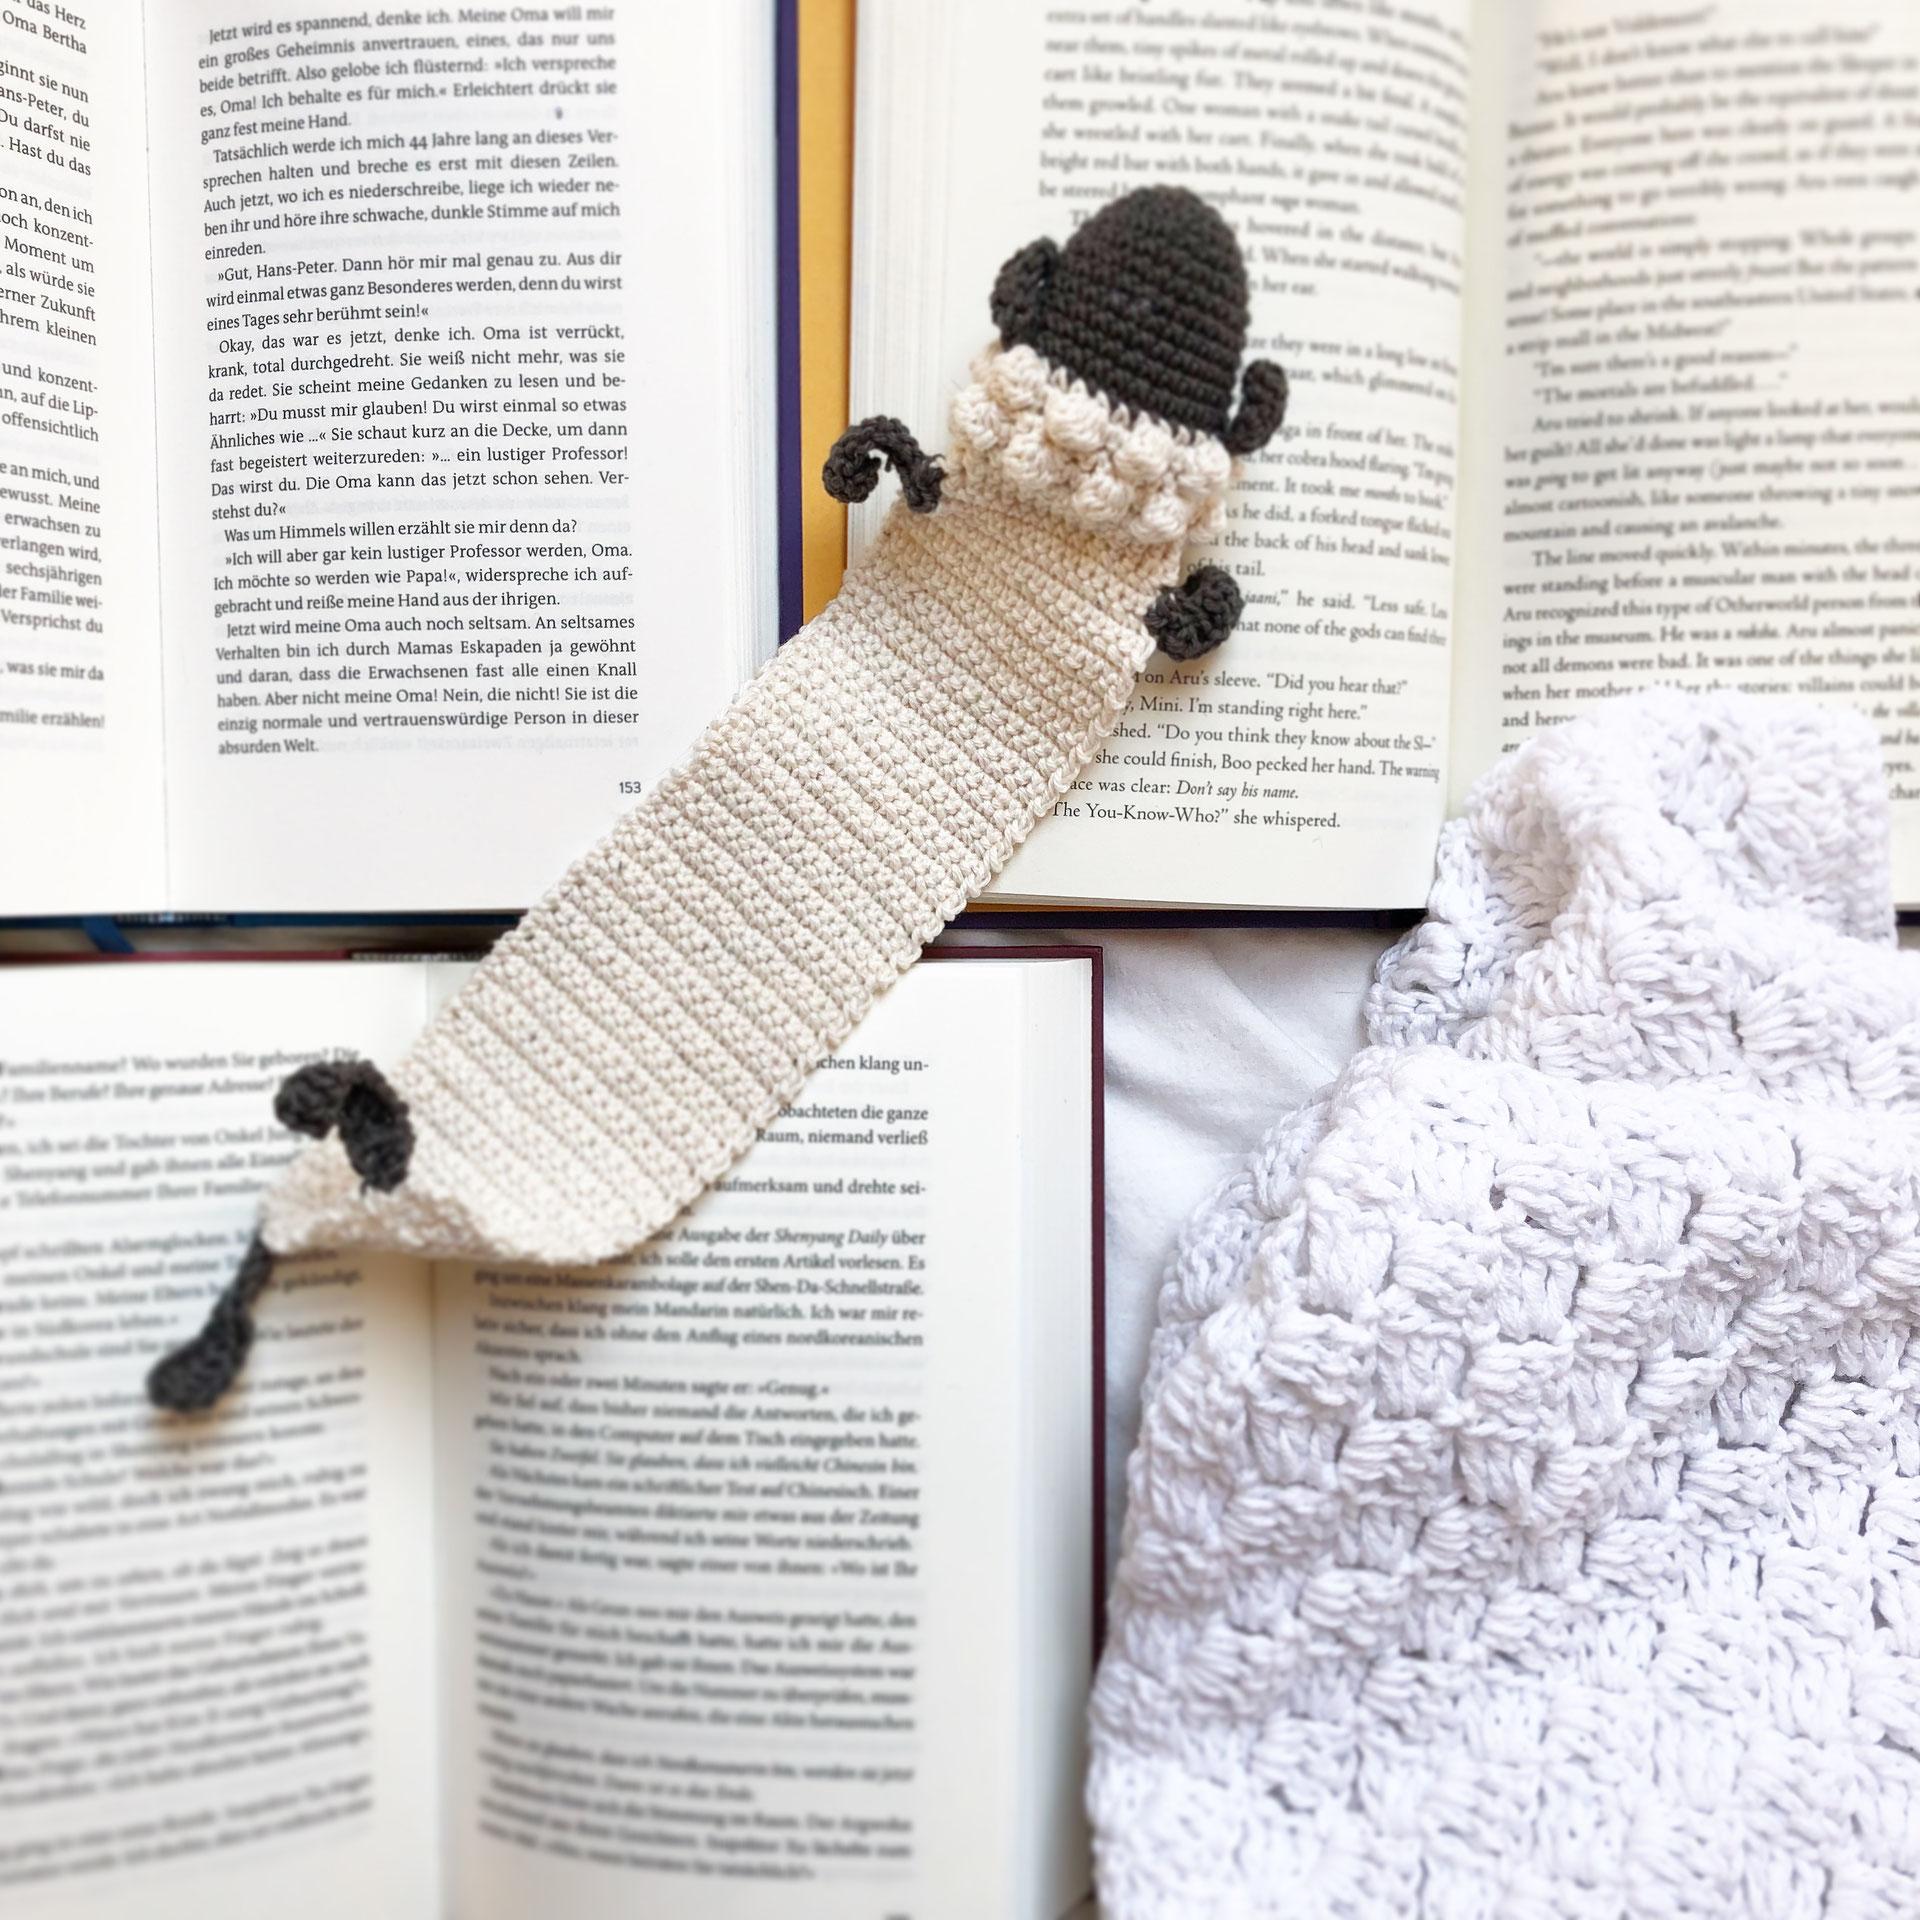 amiju_handmade was für eine tolle Idee aus #hollythelittlebear ...   1920x1920